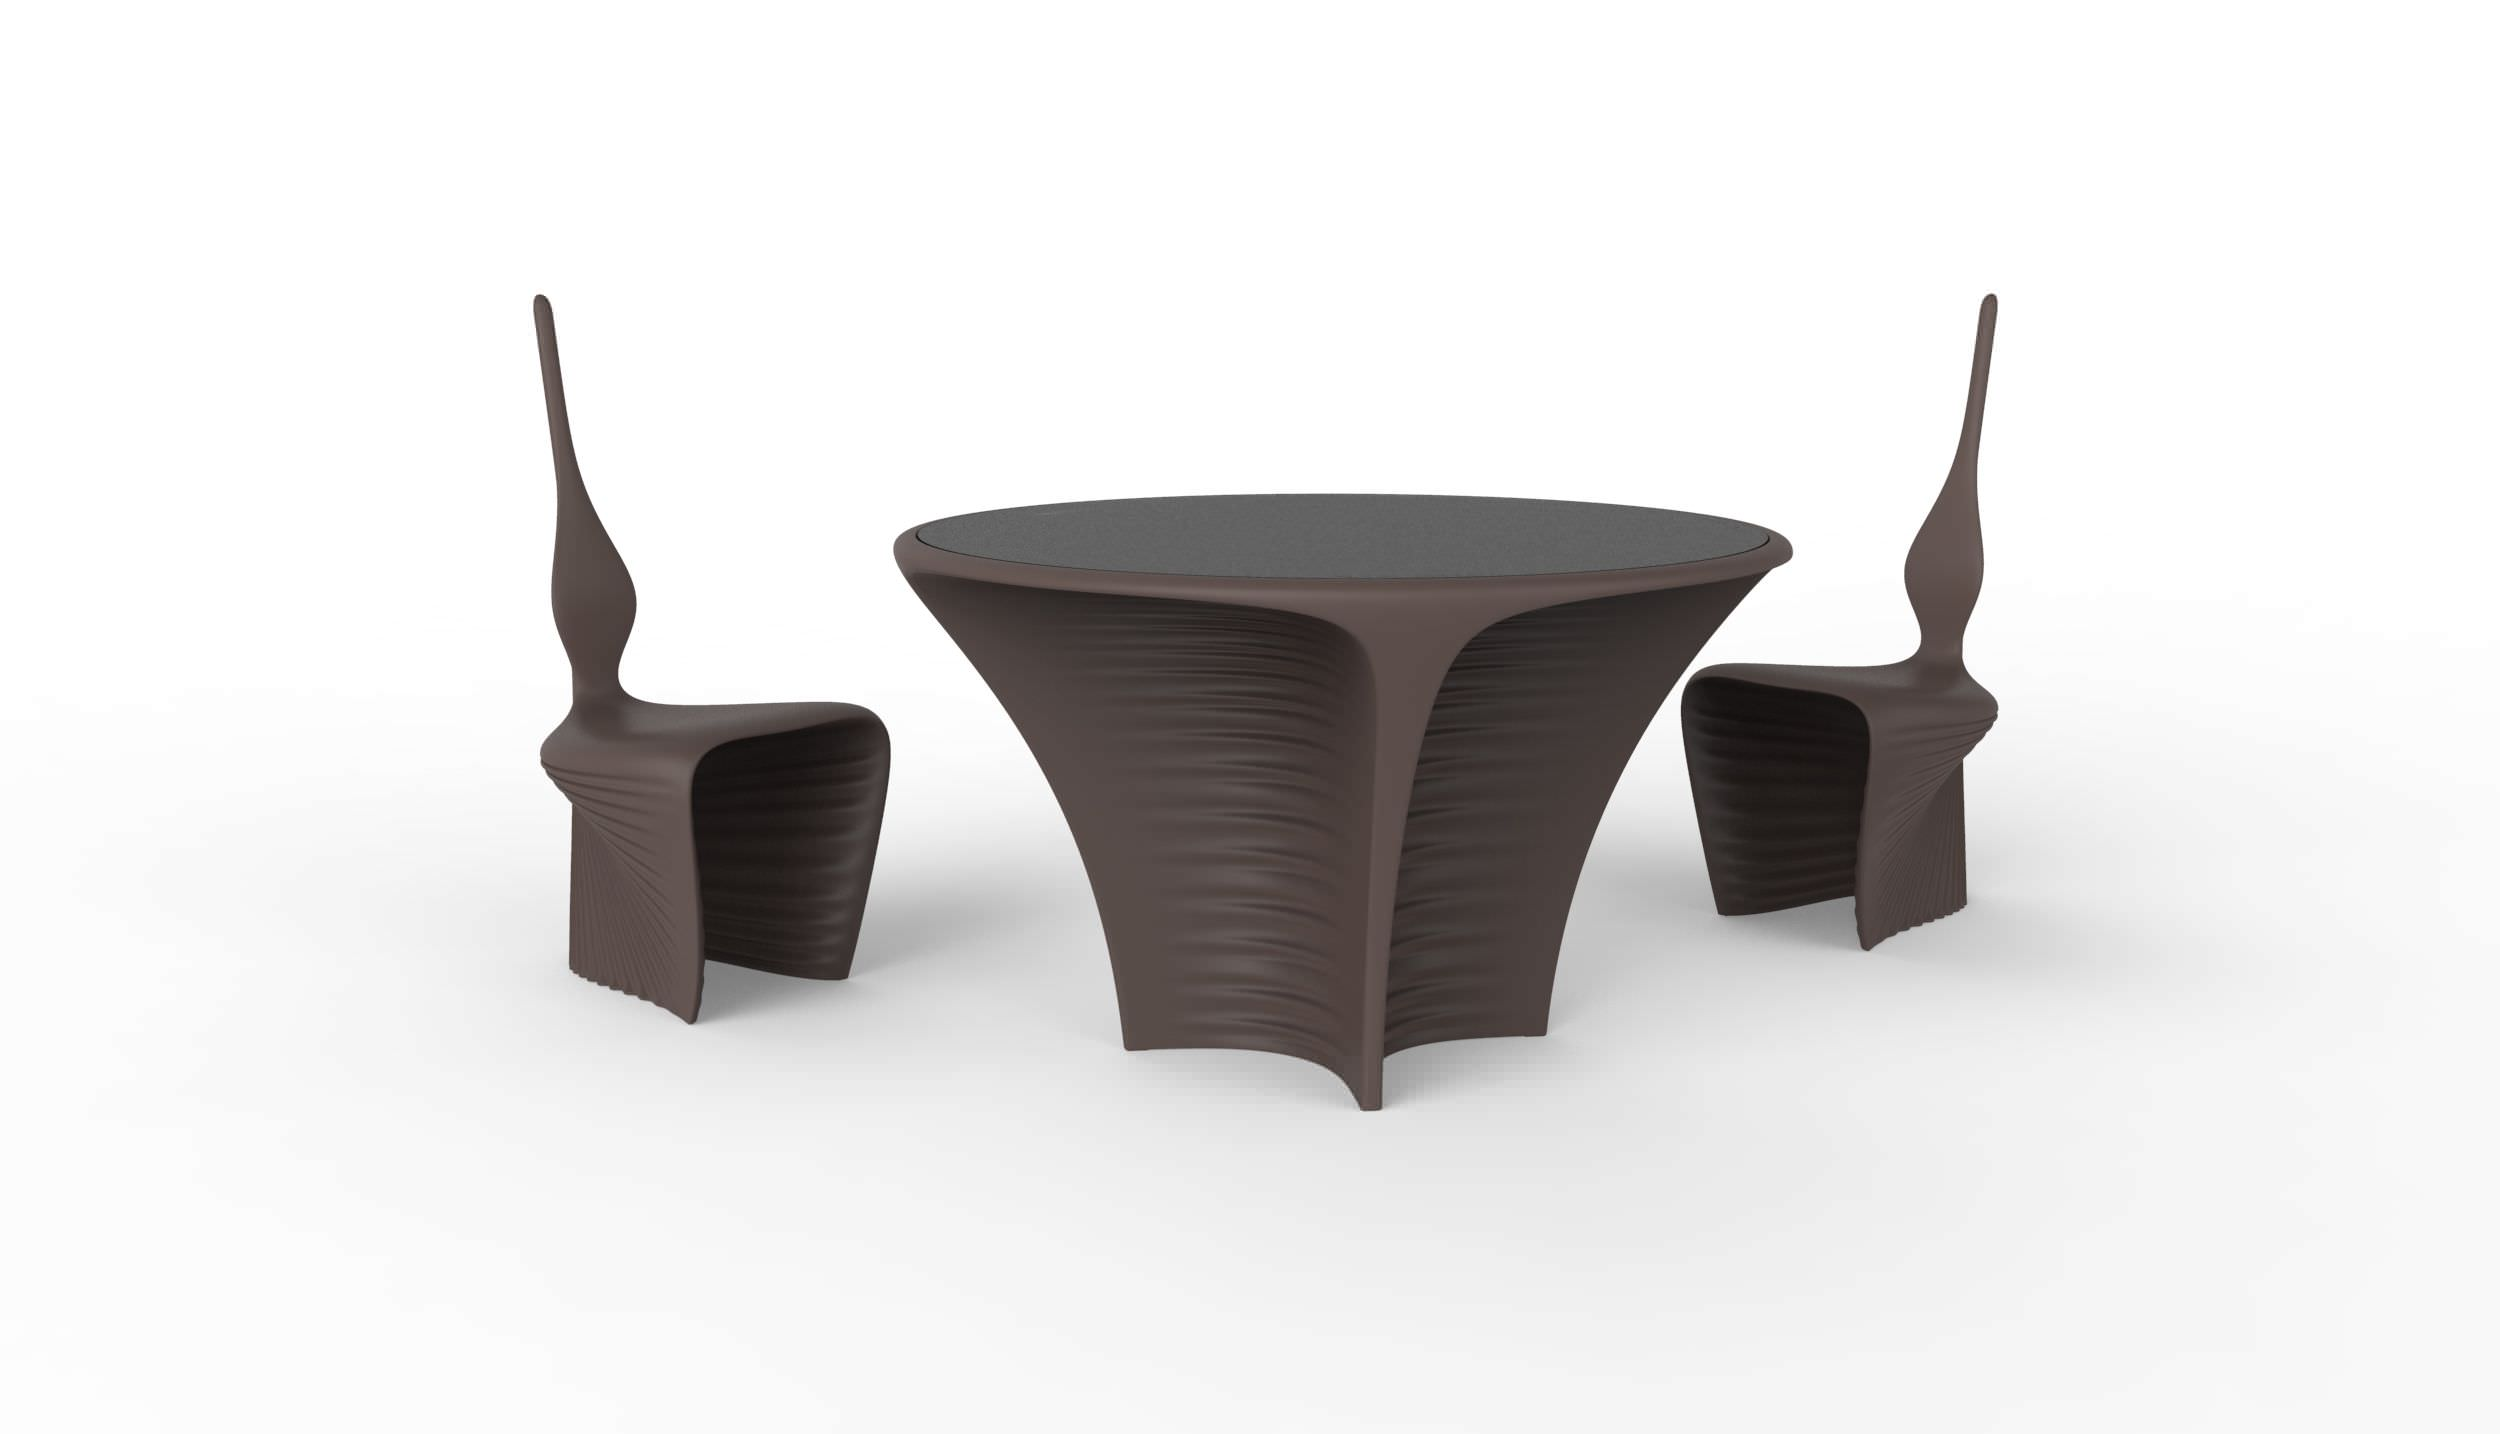 Tisch / Organisches Design / Rotationsgesintertes Polyethylen / Rund /  Garten   BIOPHILIA